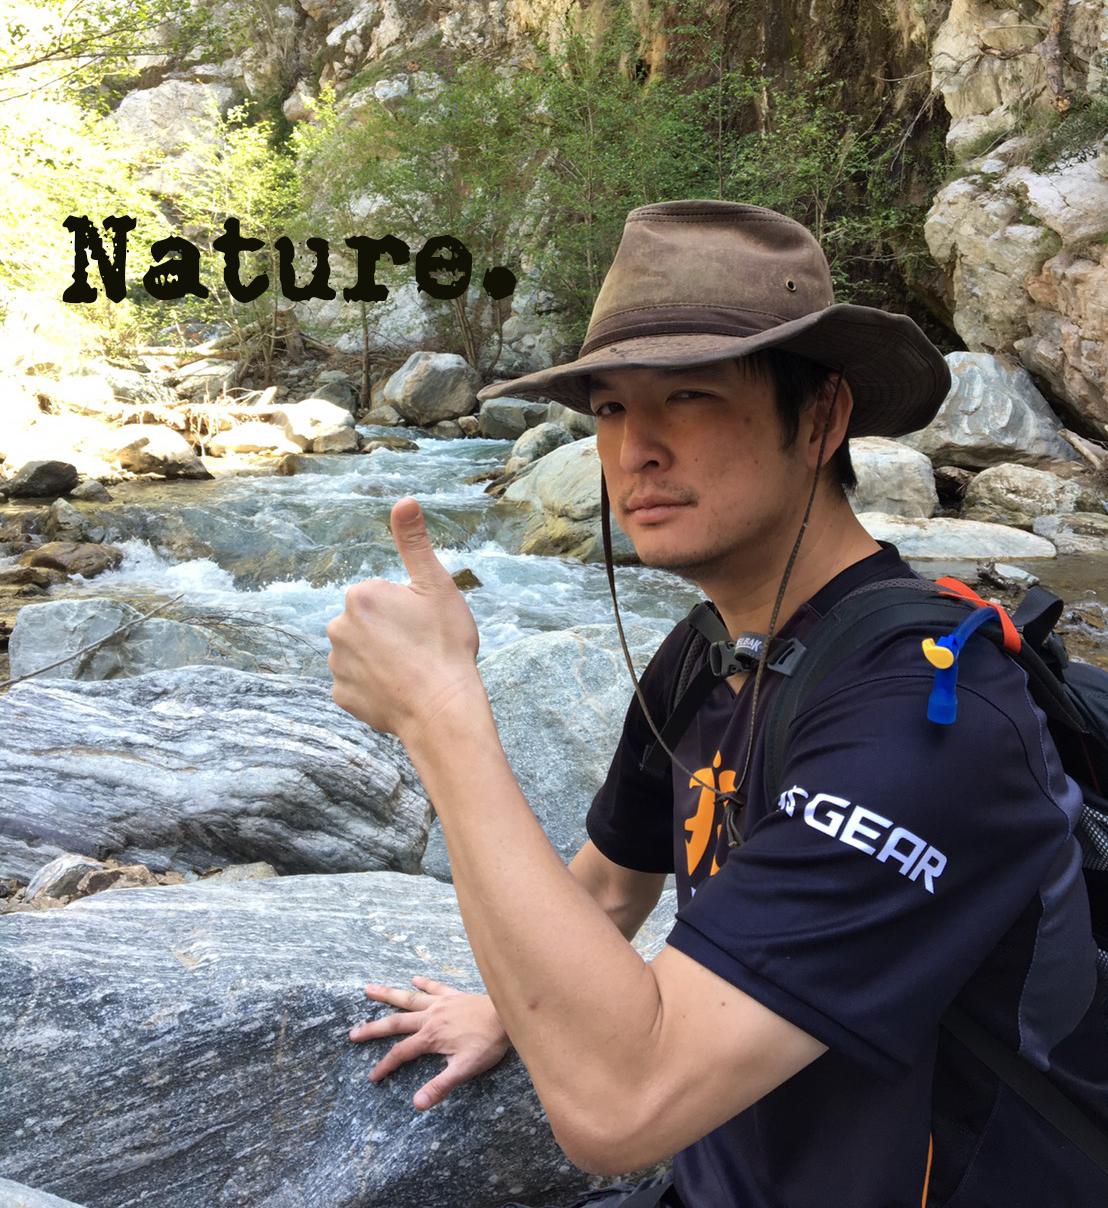 Cee nature